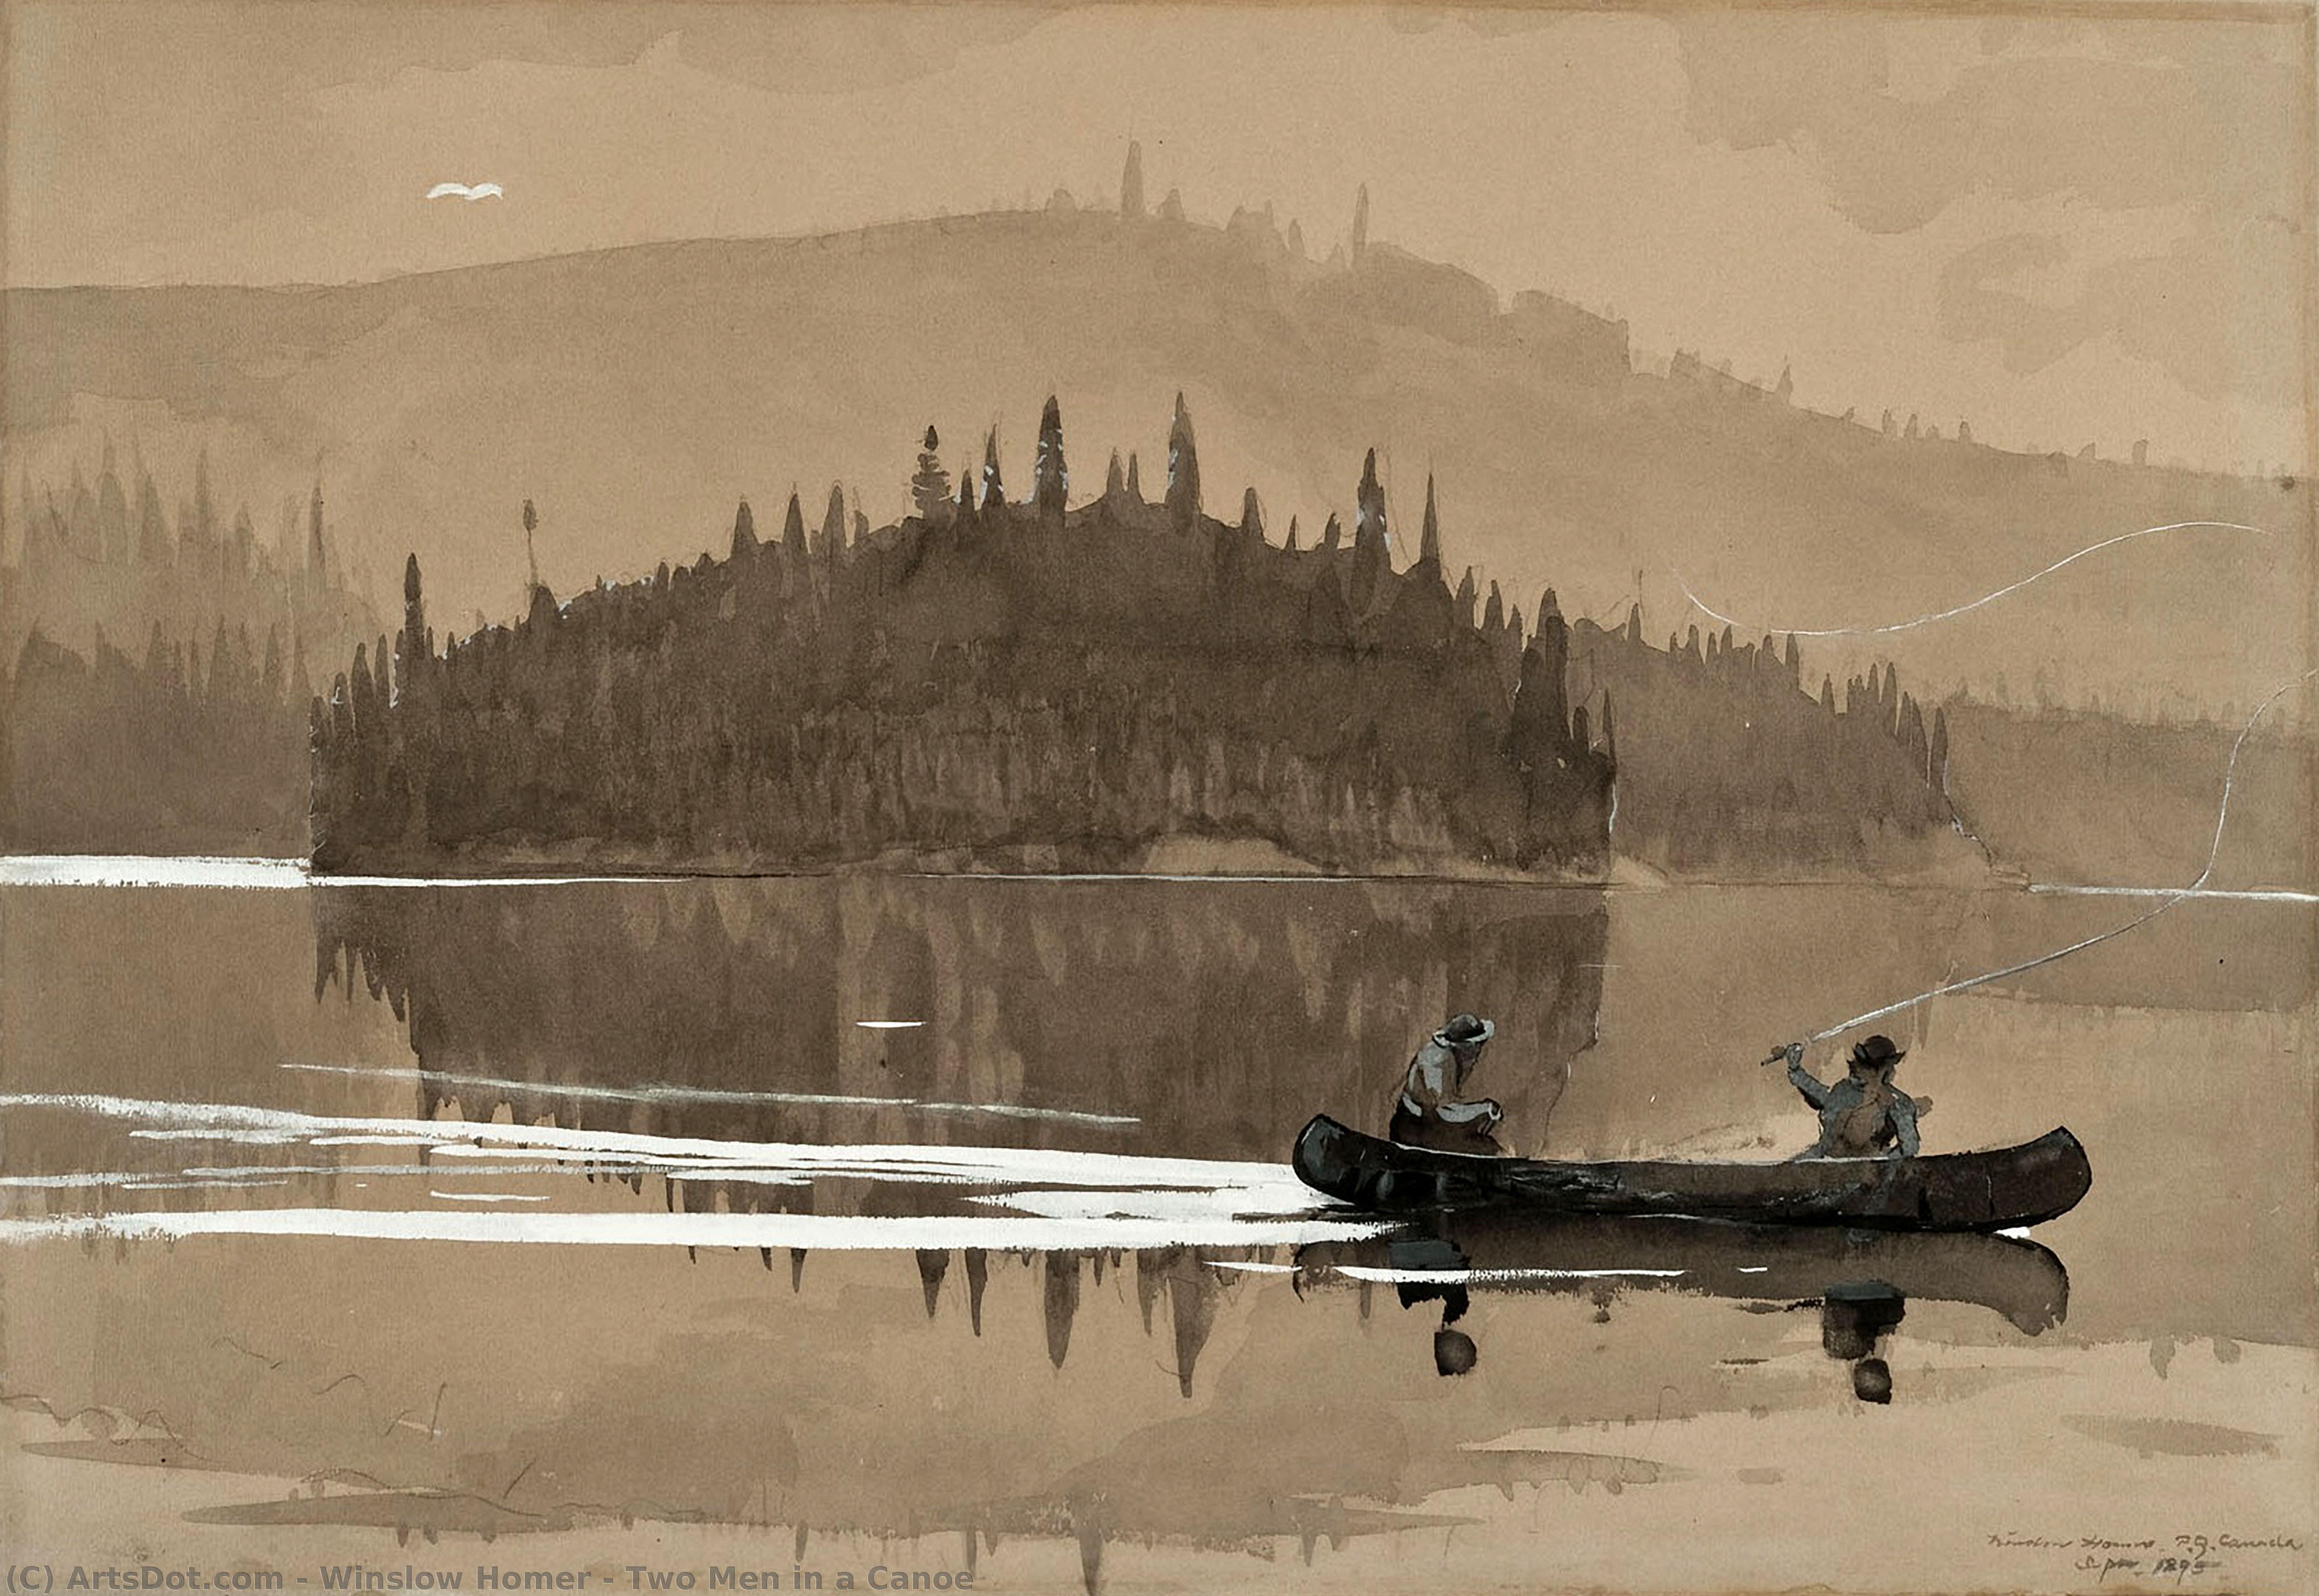 Wikioo.org – La Enciclopedia de las Bellas Artes - Pintura, Obras de arte de Winslow Homer - dos hombres para  Un  Canoa